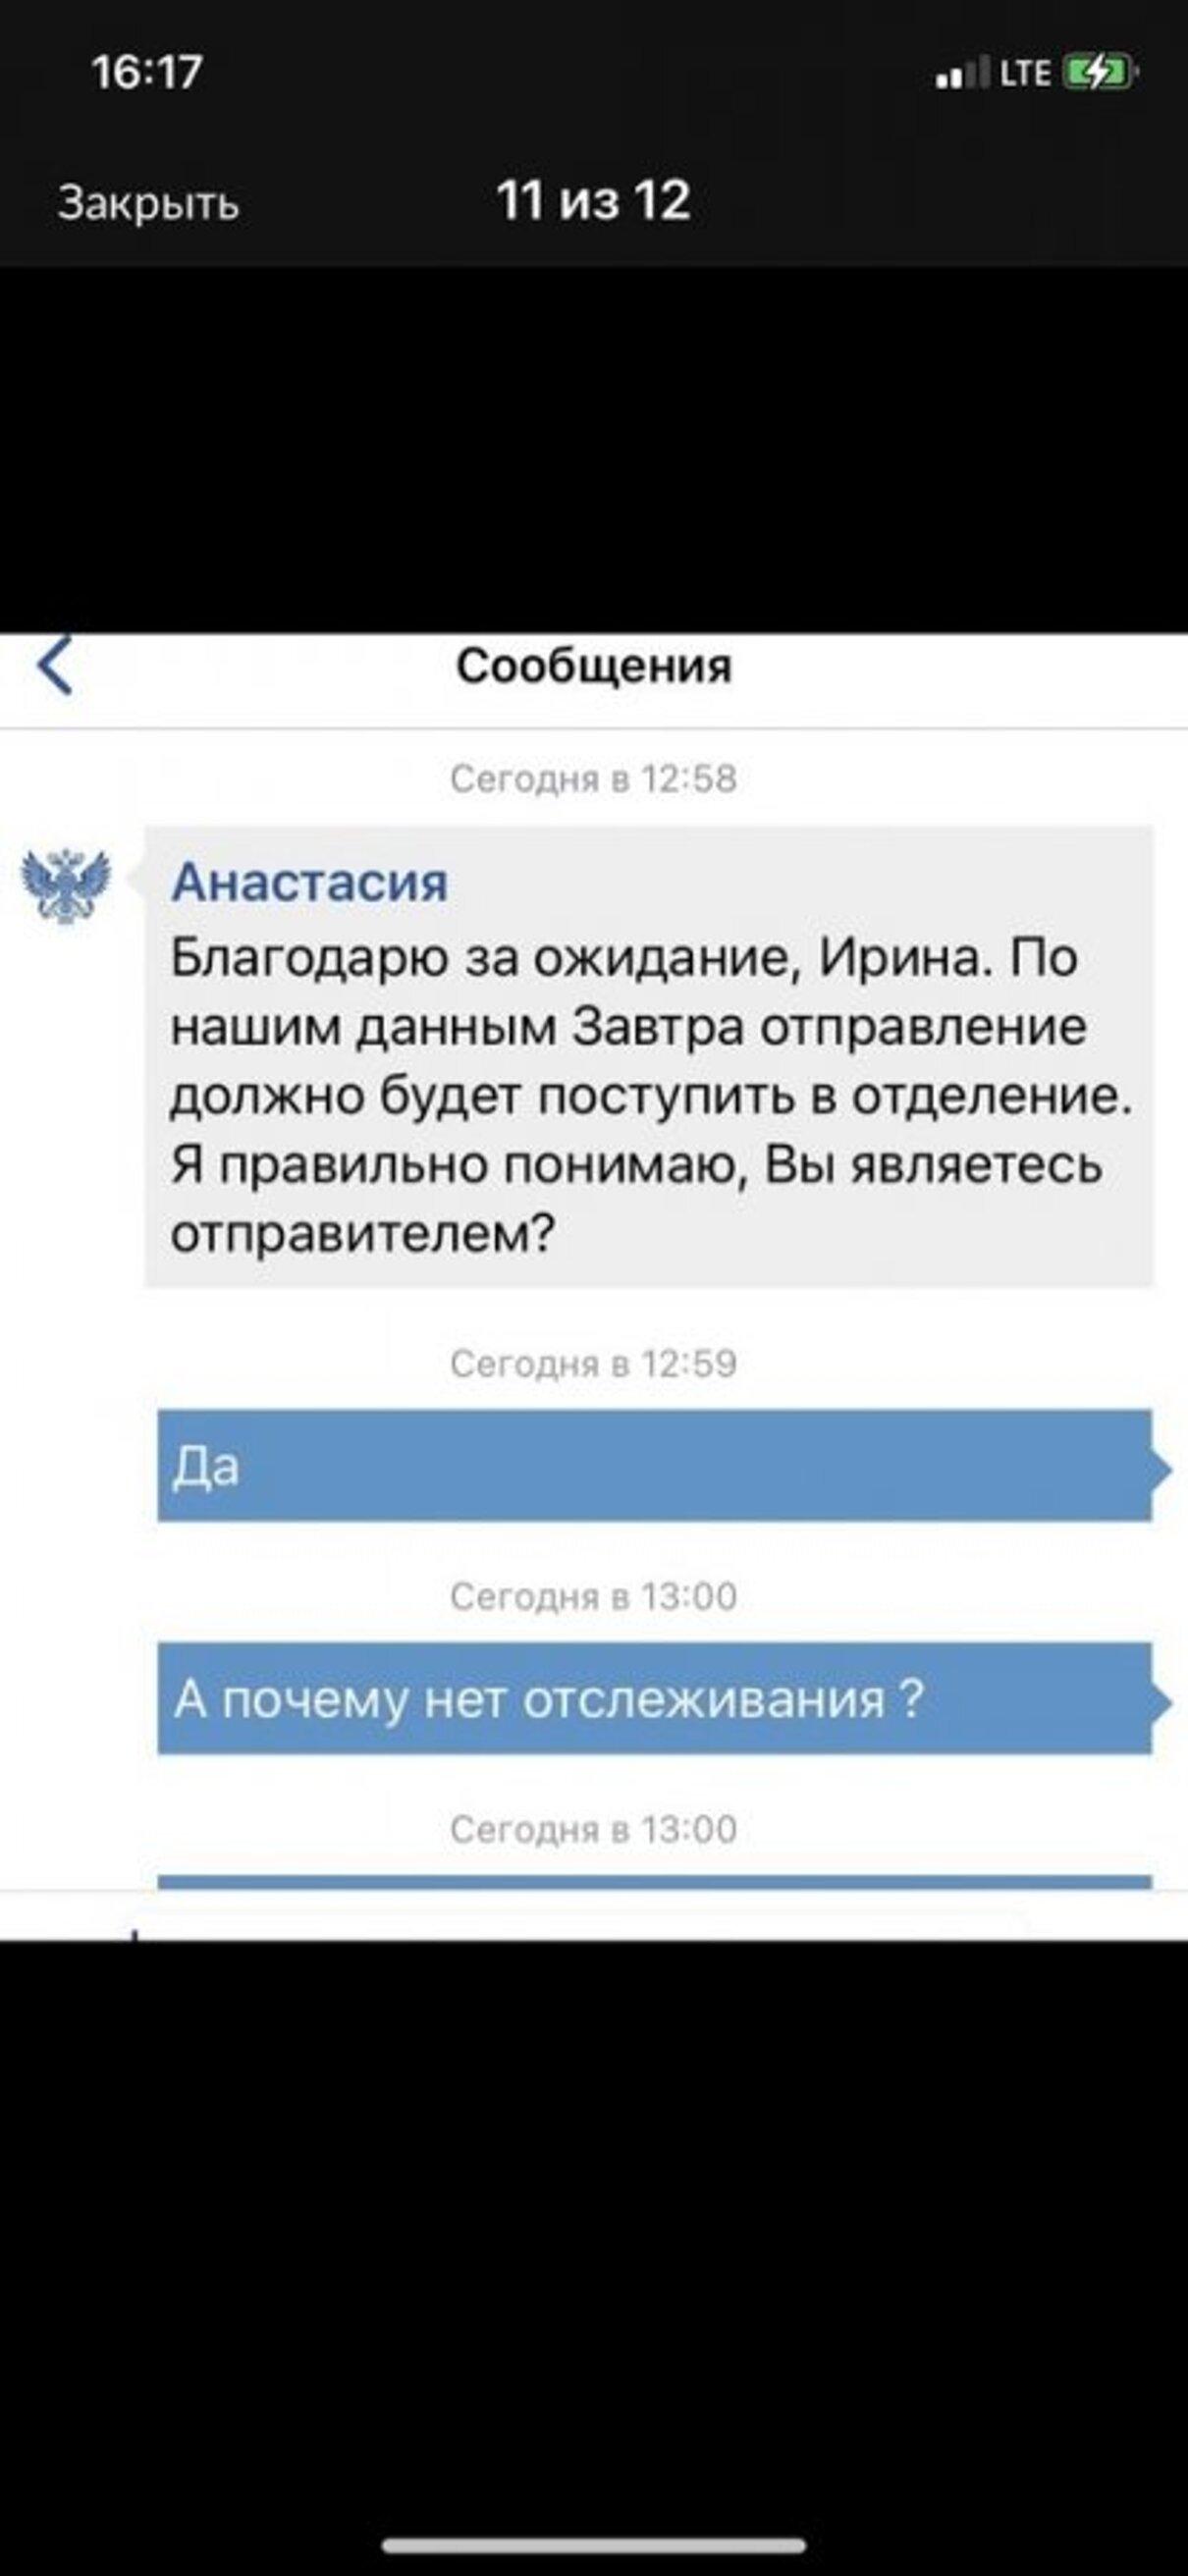 Жалоба-отзыв: Почта России - Хамское отношение.  Фото №4